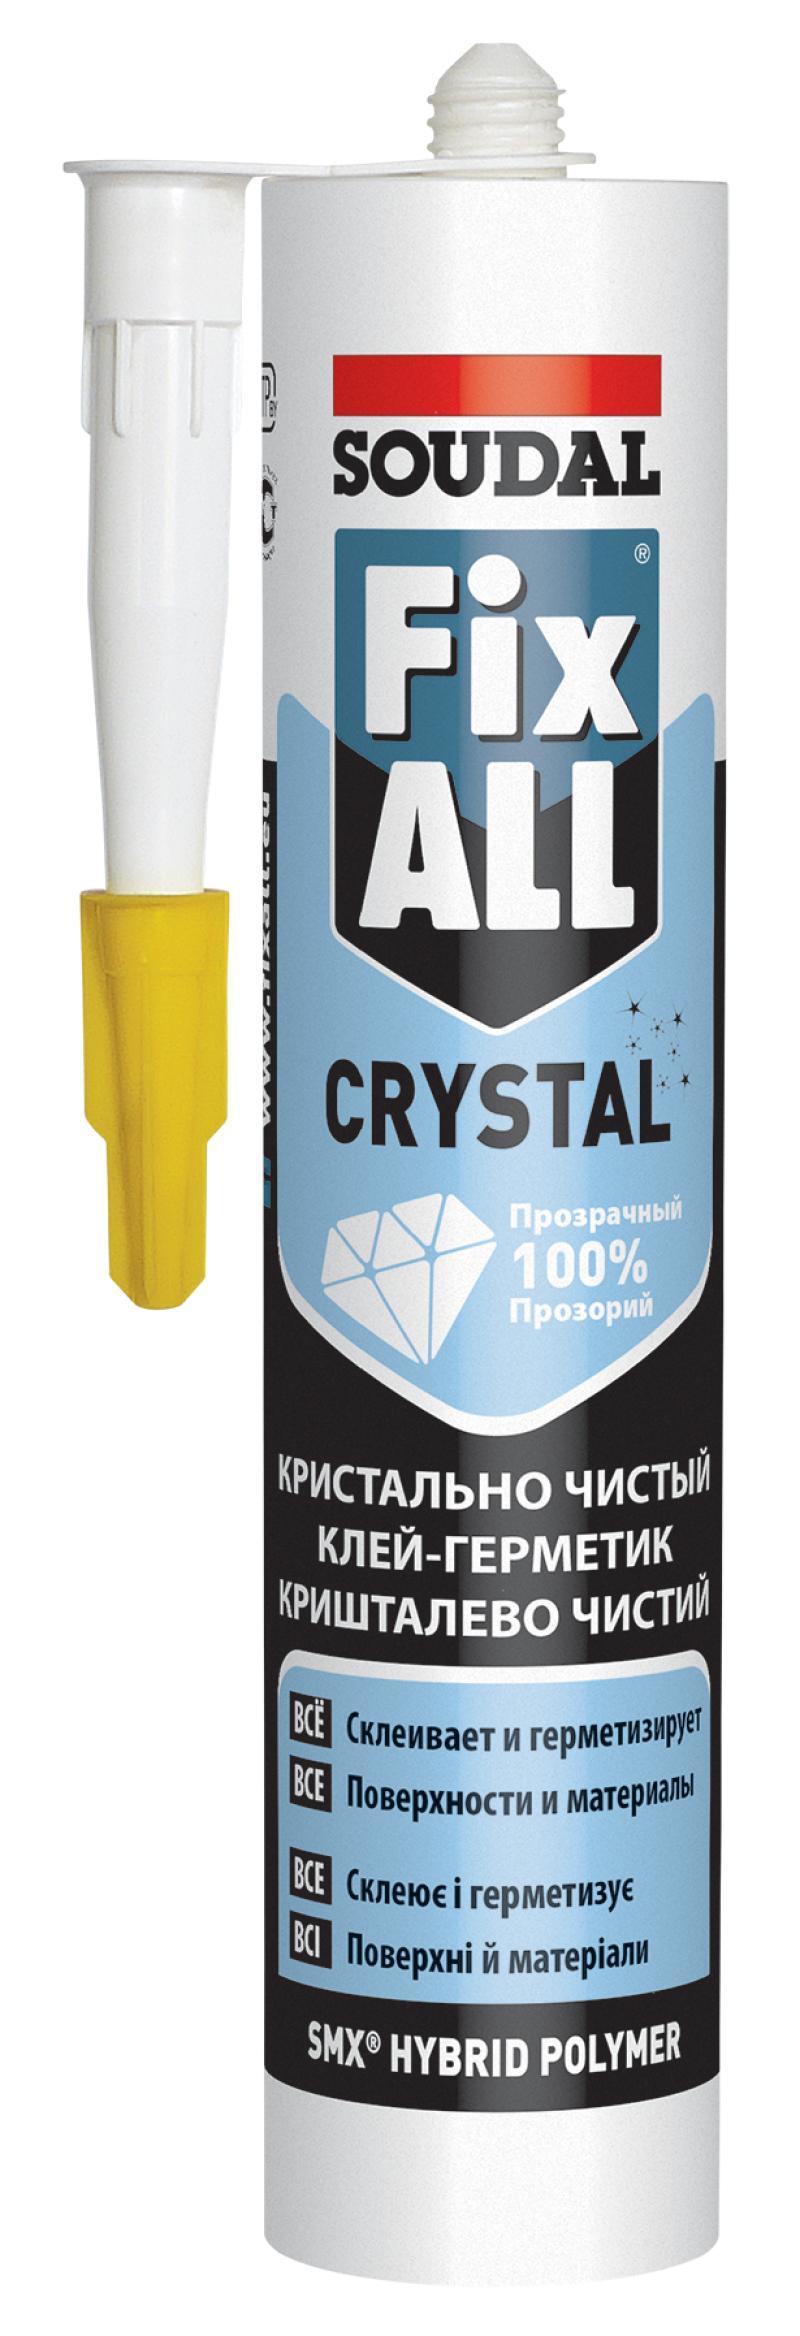 Клей герметик Soudal 119130 fix all crystal